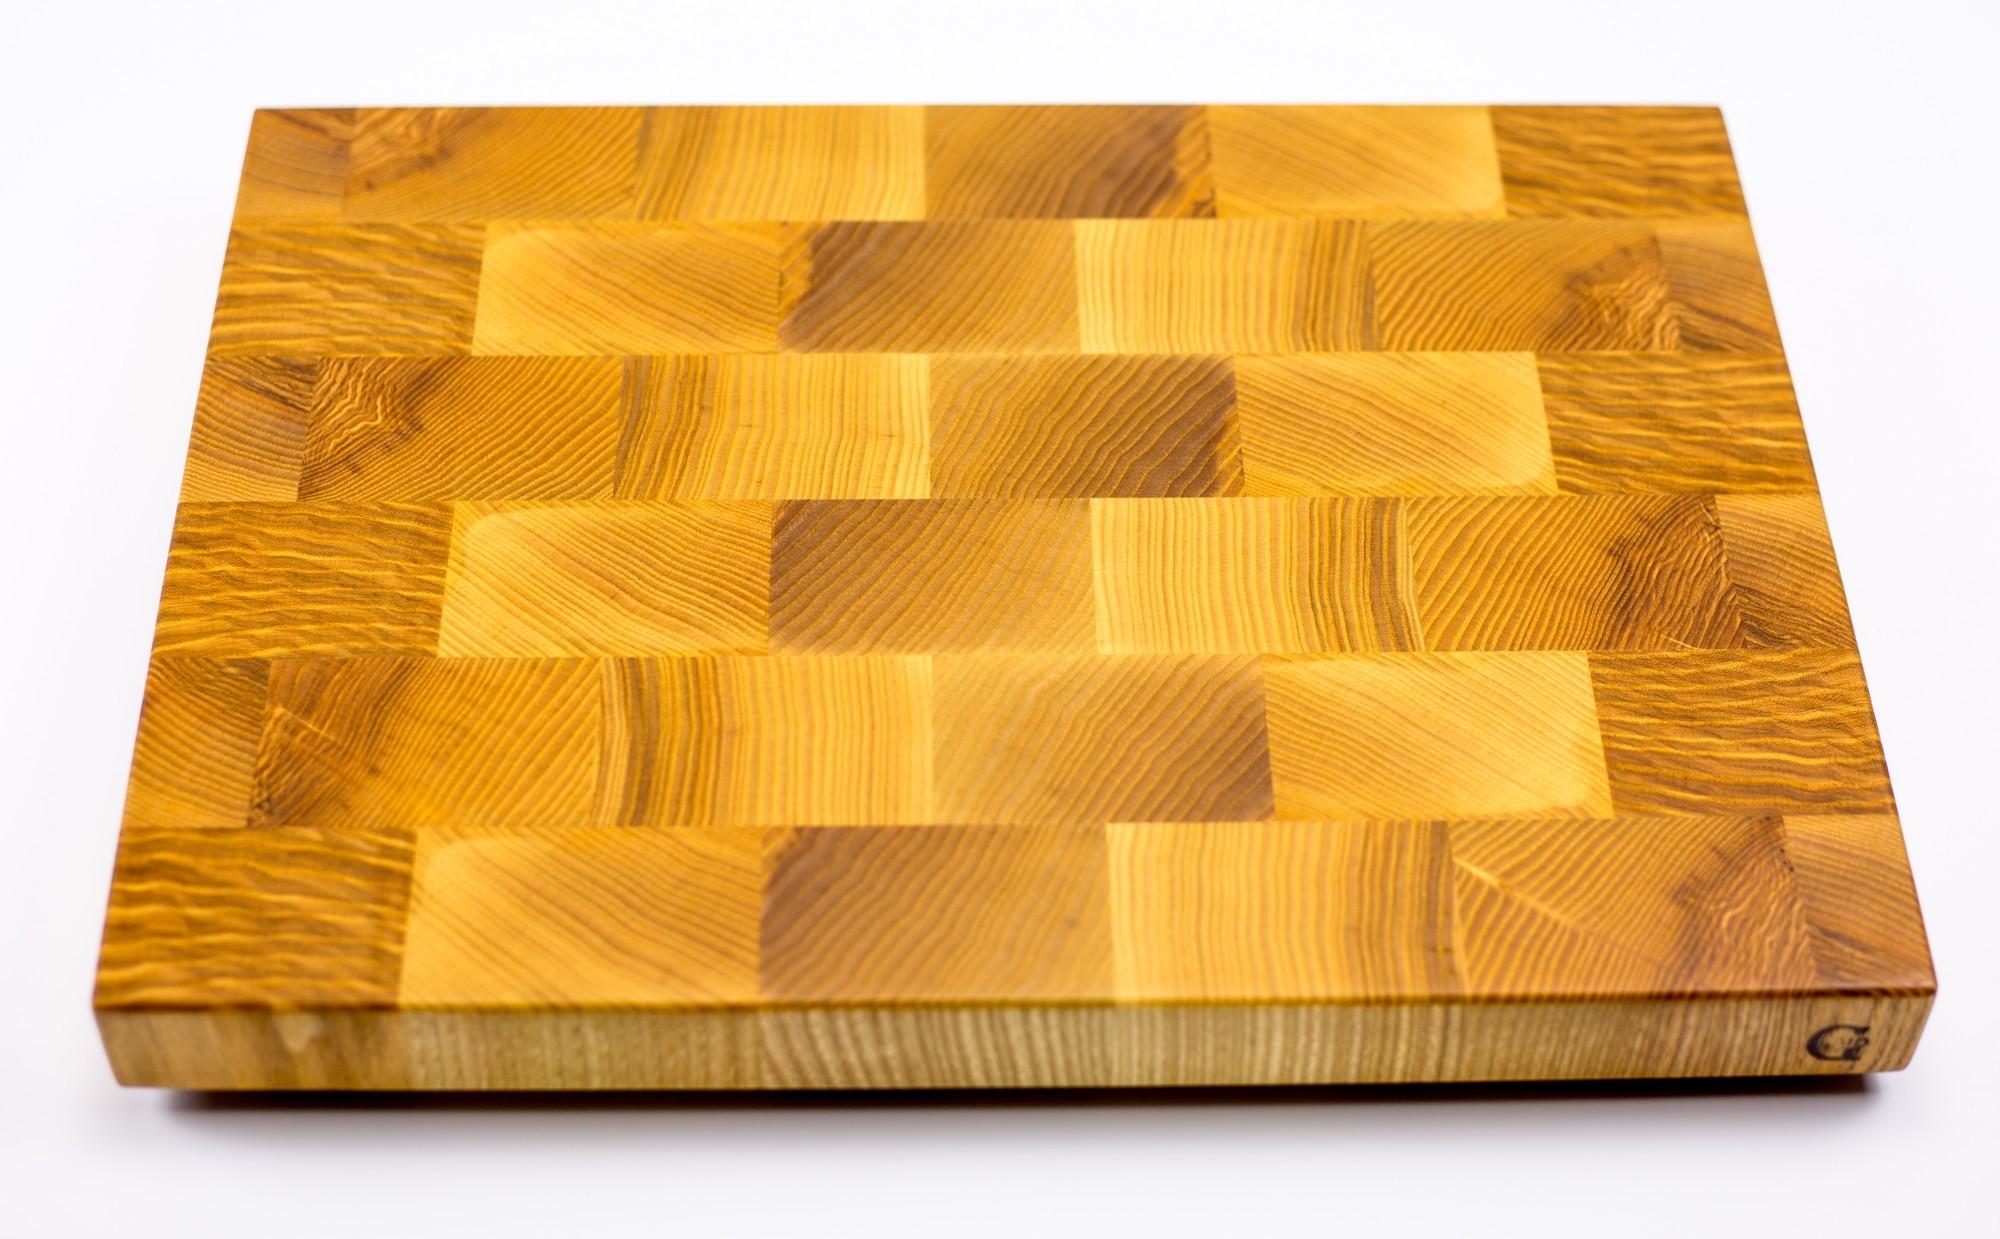 Доска разделочная торцевая, ясень, 27х37х3 смБренды ножей<br>Они изготавливаются из лиственных пород древесины, таких как сапеле, дуб, американский орех, ясень, падук, граб, клен, палисандр, венге, груша.<br>Технология их изготовления достаточно сложна. Волокна разделочных досок расположены перпендикулярно плоскости резания. Это позволяет в значительной степени защитить доски от следов ножа, при этом нож намного меньше тупится, что по достоинству смогут оценить коллекционеры ножей.<br>Торцевые разделочные доски склеиваются на водостойкий клей Titebond III Ultimate Wood Glue. Этот клей используется для производства элементов, которые соприкасаются и контактируют с продуктами питания. Все поверхности досок обрабатываются льняным маслом и пчелиным воском для заполнения открытых пор и микротрещин. В зависимости от размера, разделочных досках, для удобства пользования, предусмотрены ручки с боков, канавки для сбора жидкости и опорные ножки. Рекомендации по уходу за разделочными досками<br>Для того, чтобы разделочная доска служила долго и исправно, советуем соблюдать некоторые правила ухода за ней:<br>По окончании работы доску следует вымыть теплой водой и протереть. Нельзя надолго оставлять разделочную доску в мокром виде, или погруженную в воду. Хранить доску необходимо вдали от раковины и плиты.<br>Разделочную доску нельзя сушить в духовом шкафу или микроволновой печи, она должна сохнуть в обычных условиях. Нельзя использовать разделочную доску в качестве крышки для кастрюли или сковороды (от горячего пара доска может лопнуть).<br>Нельзя использовать разделочную доску как подставку под горячее. Нельзя выкладывать на доску горячие, сочащиеся соком, продукты. Разделочную доску для обновления покрытия можно протирать пропиткой (отломить кусочек, растереть по поверхности и оставить на пару часов сохнуть)или льняным маслом (по желанию, или по мере изменения цвета, или раз в месяц).<br>Если вы решили протереть доску маслом, то рекомендуем после этой процедуры не пользоваться